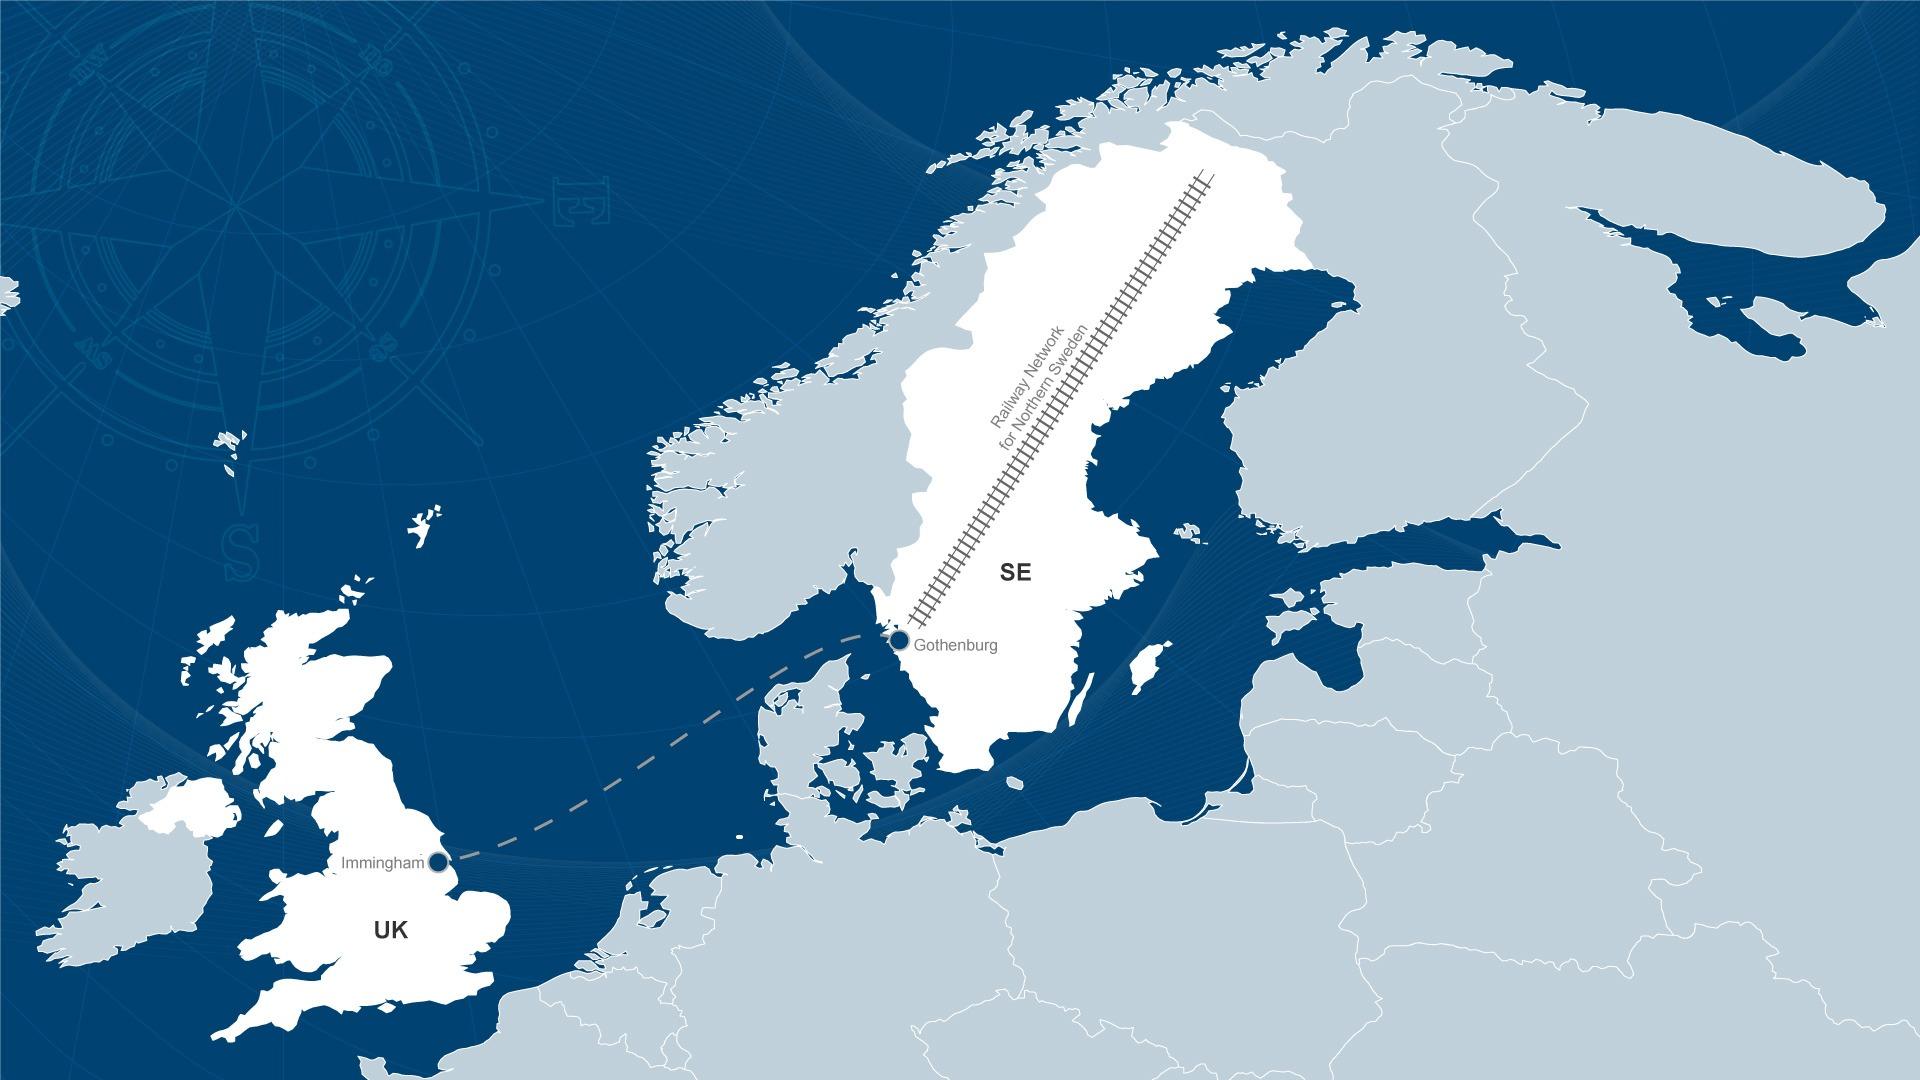 Sweden OceanBlue Logistics Limited - Sweden map gothenburg